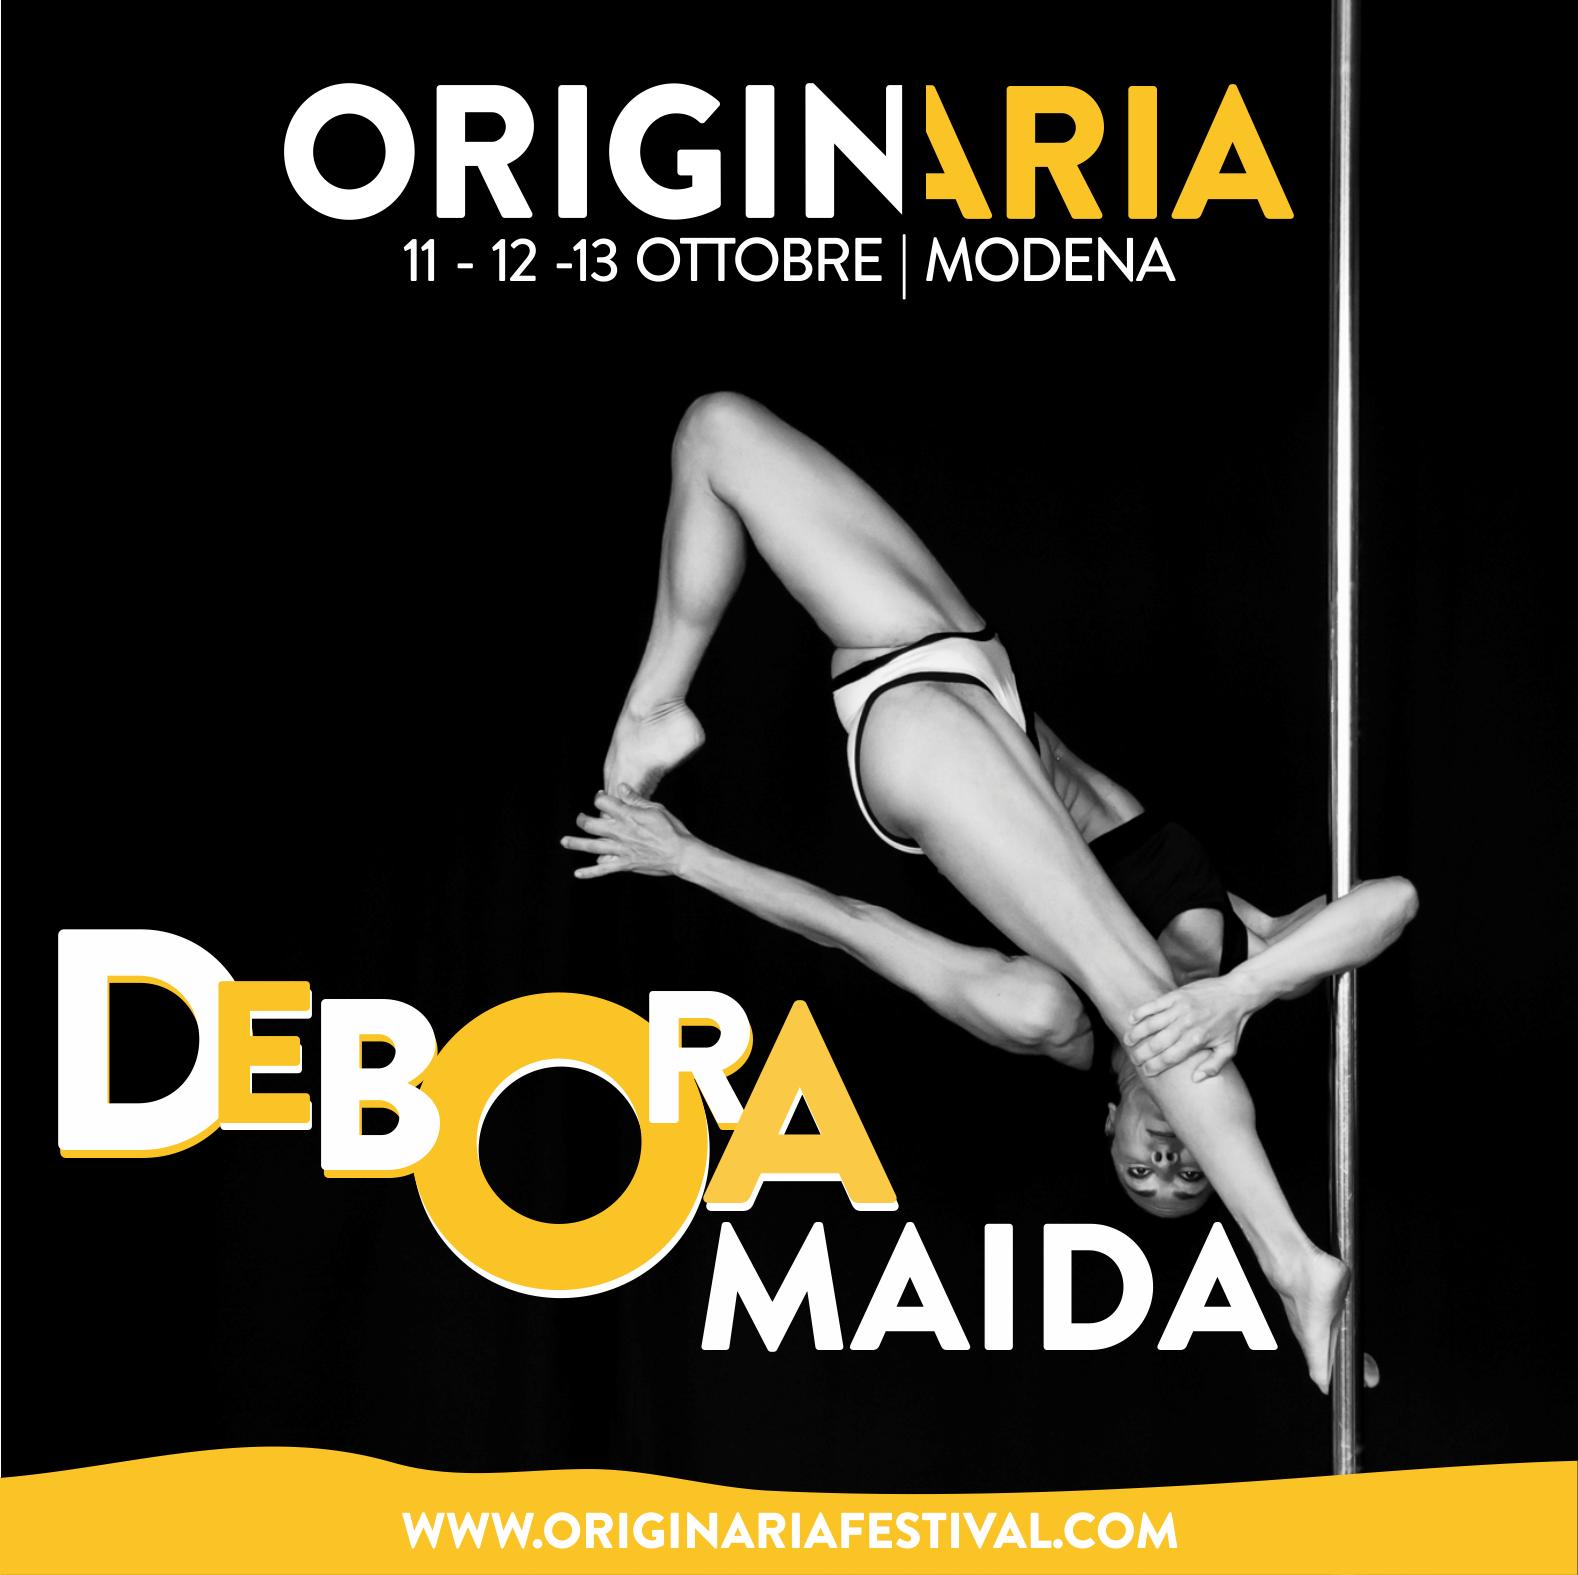 Debora Maida OriginAria Festival